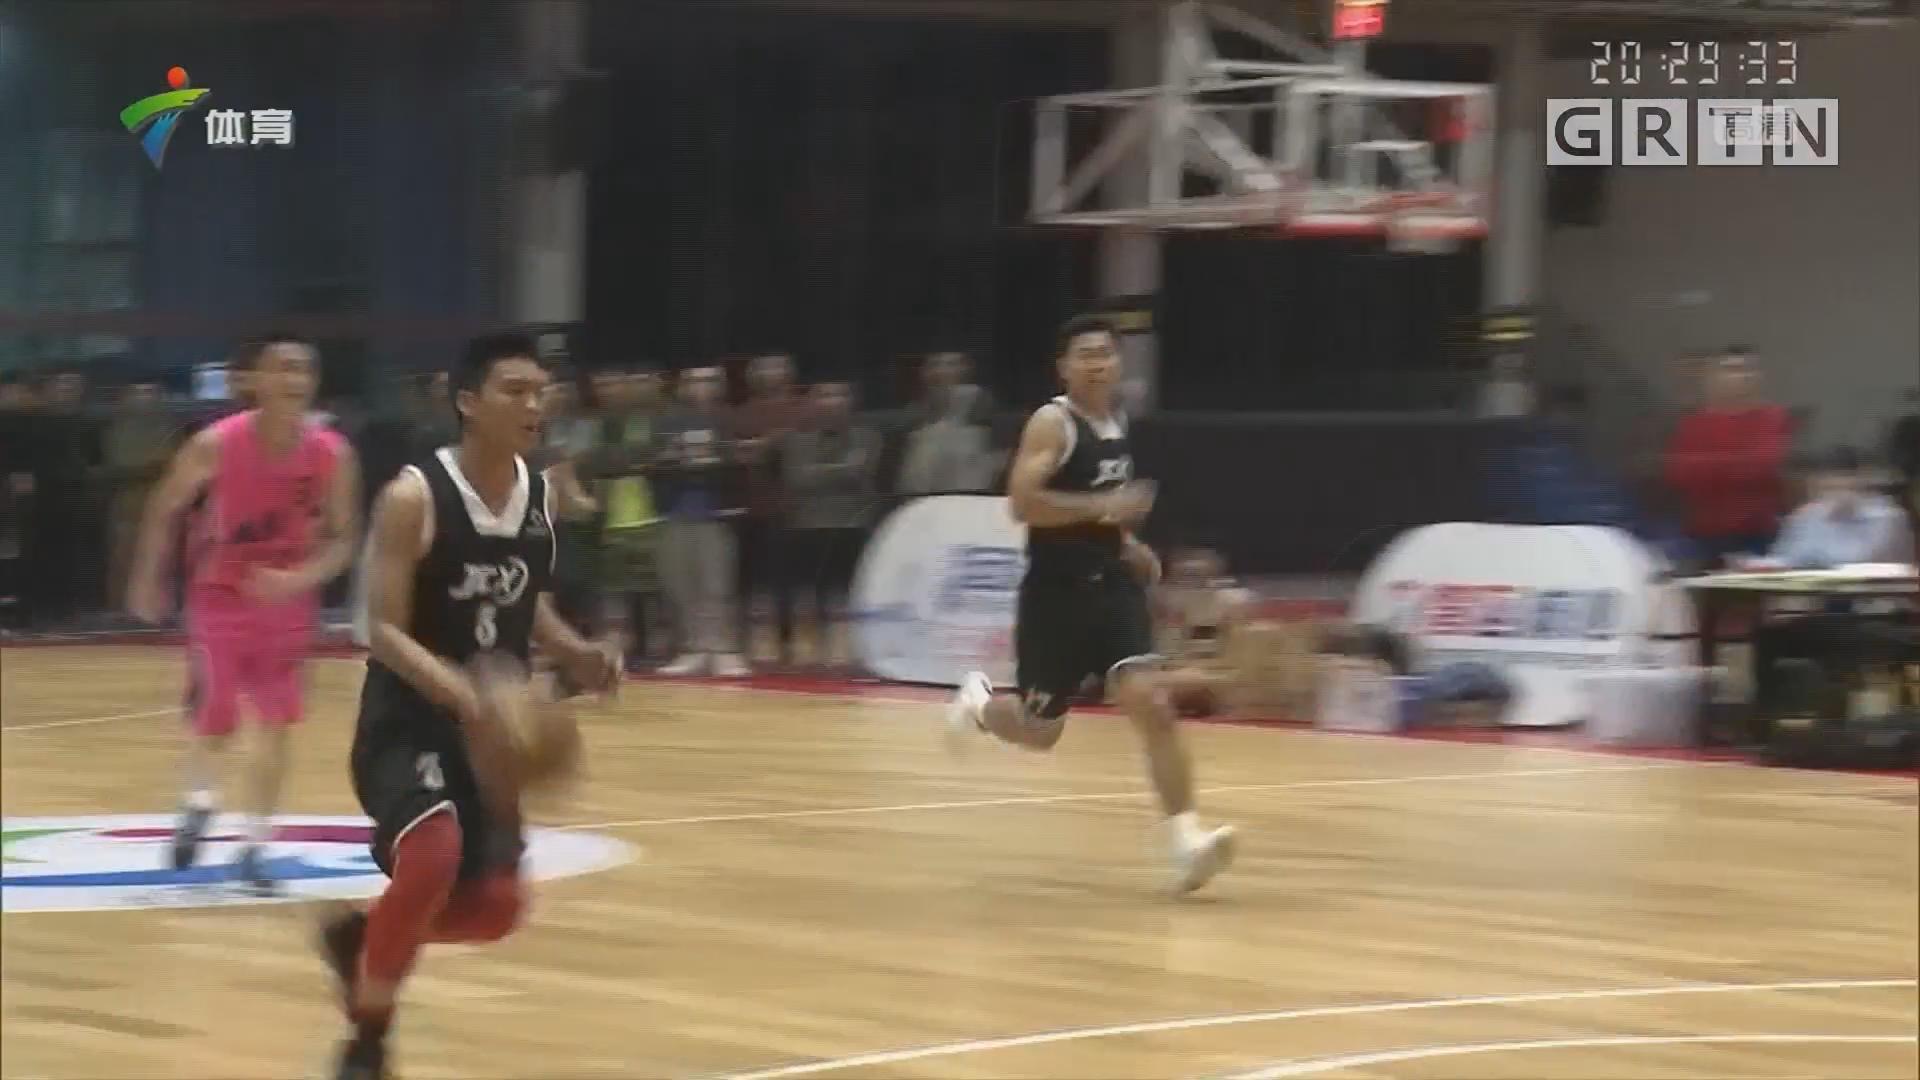 2018年深圳市宝安区青少年篮球节正式启动